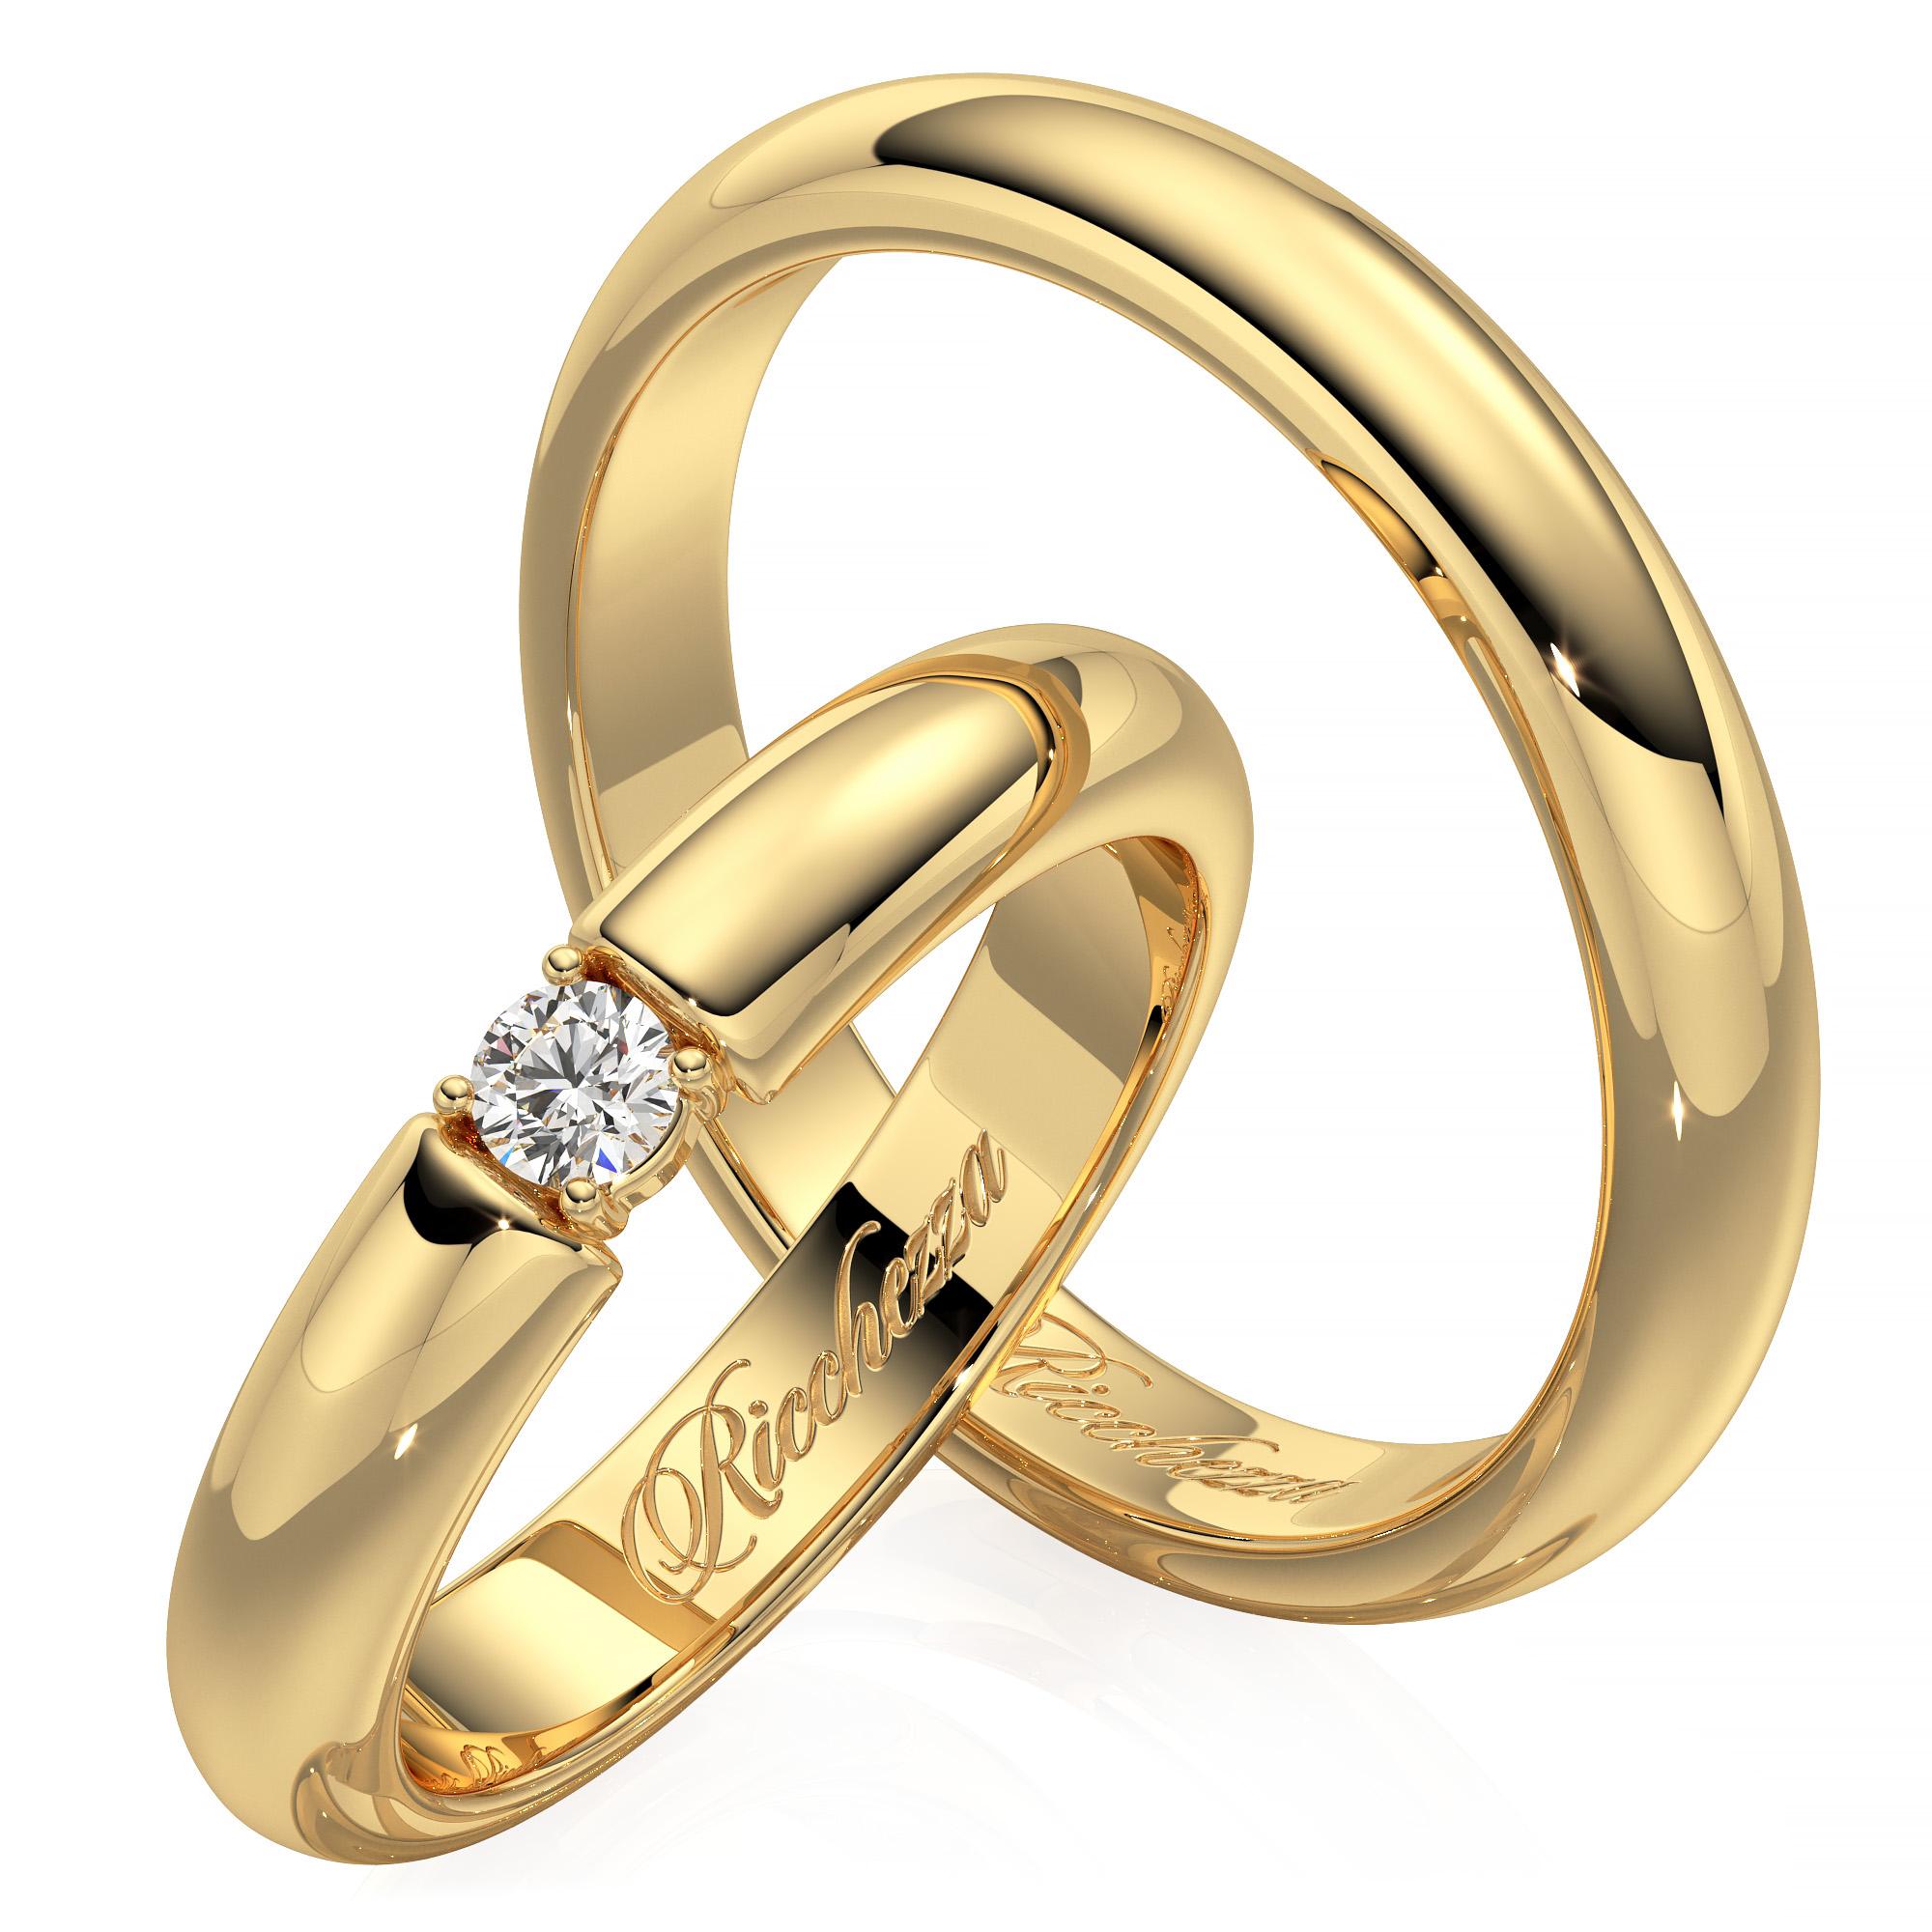 Обручальные кольца цены за пару